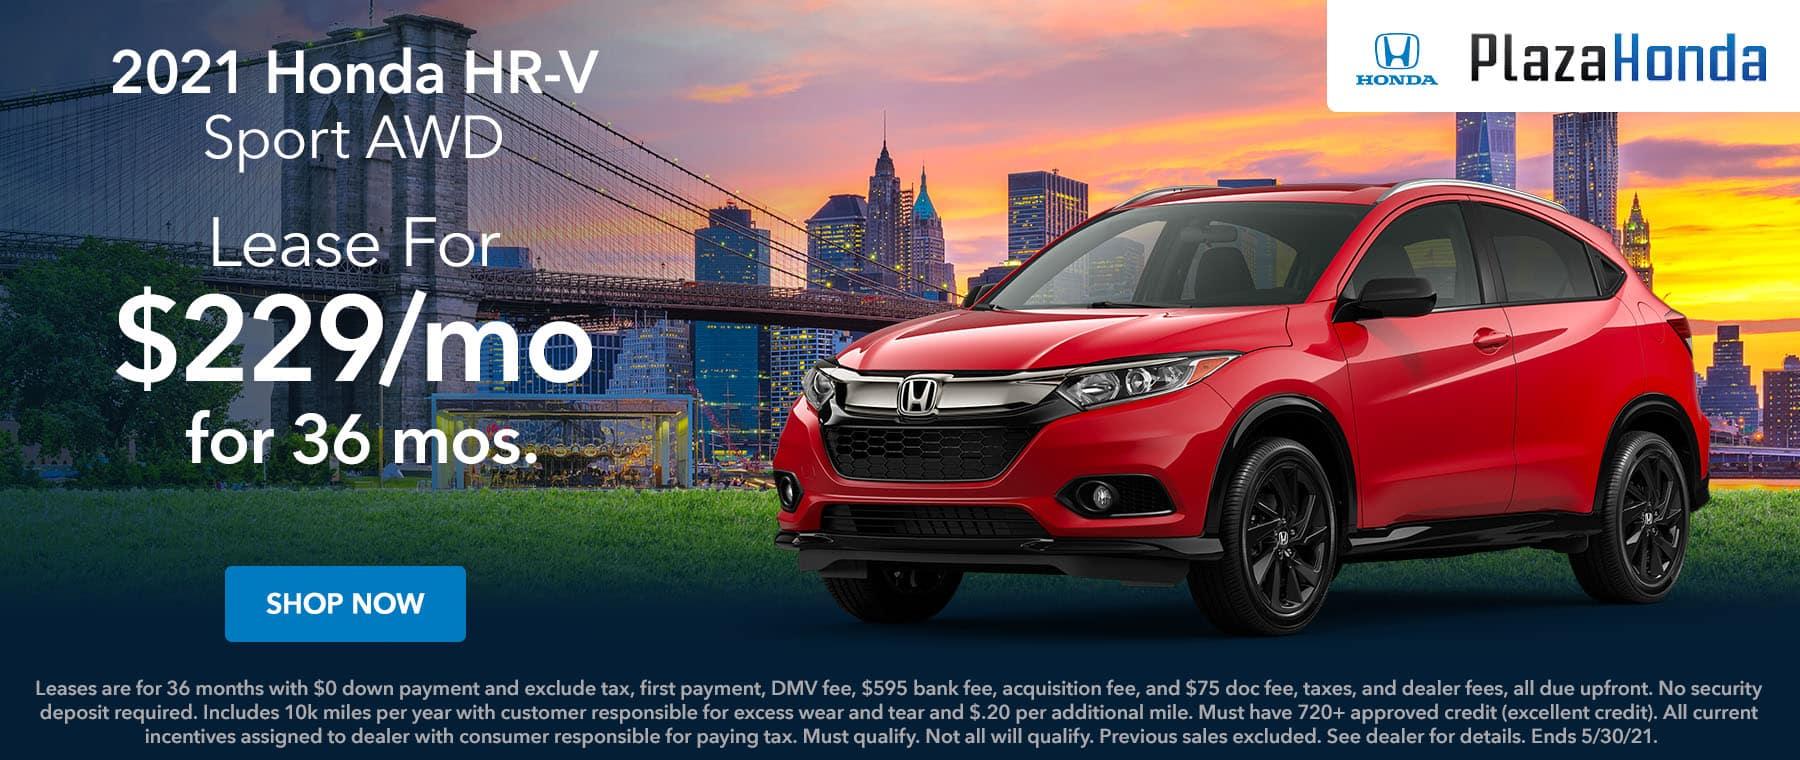 05-06-21-Hero-Honda-HRV-1800×760